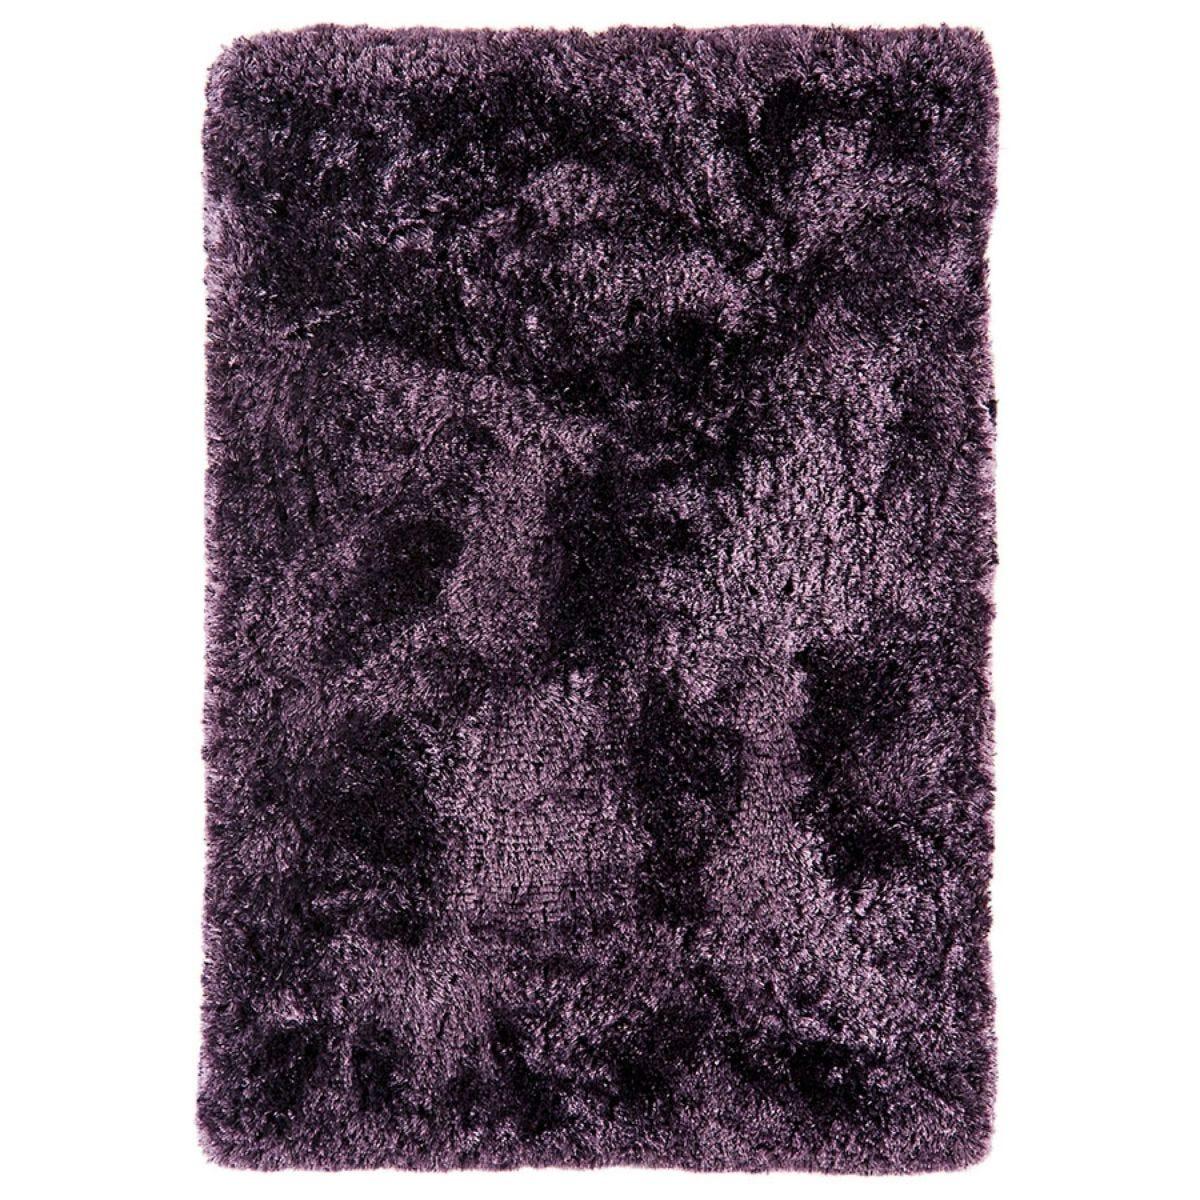 Asiatic Plush Rug, 160 x 230cm - Purple